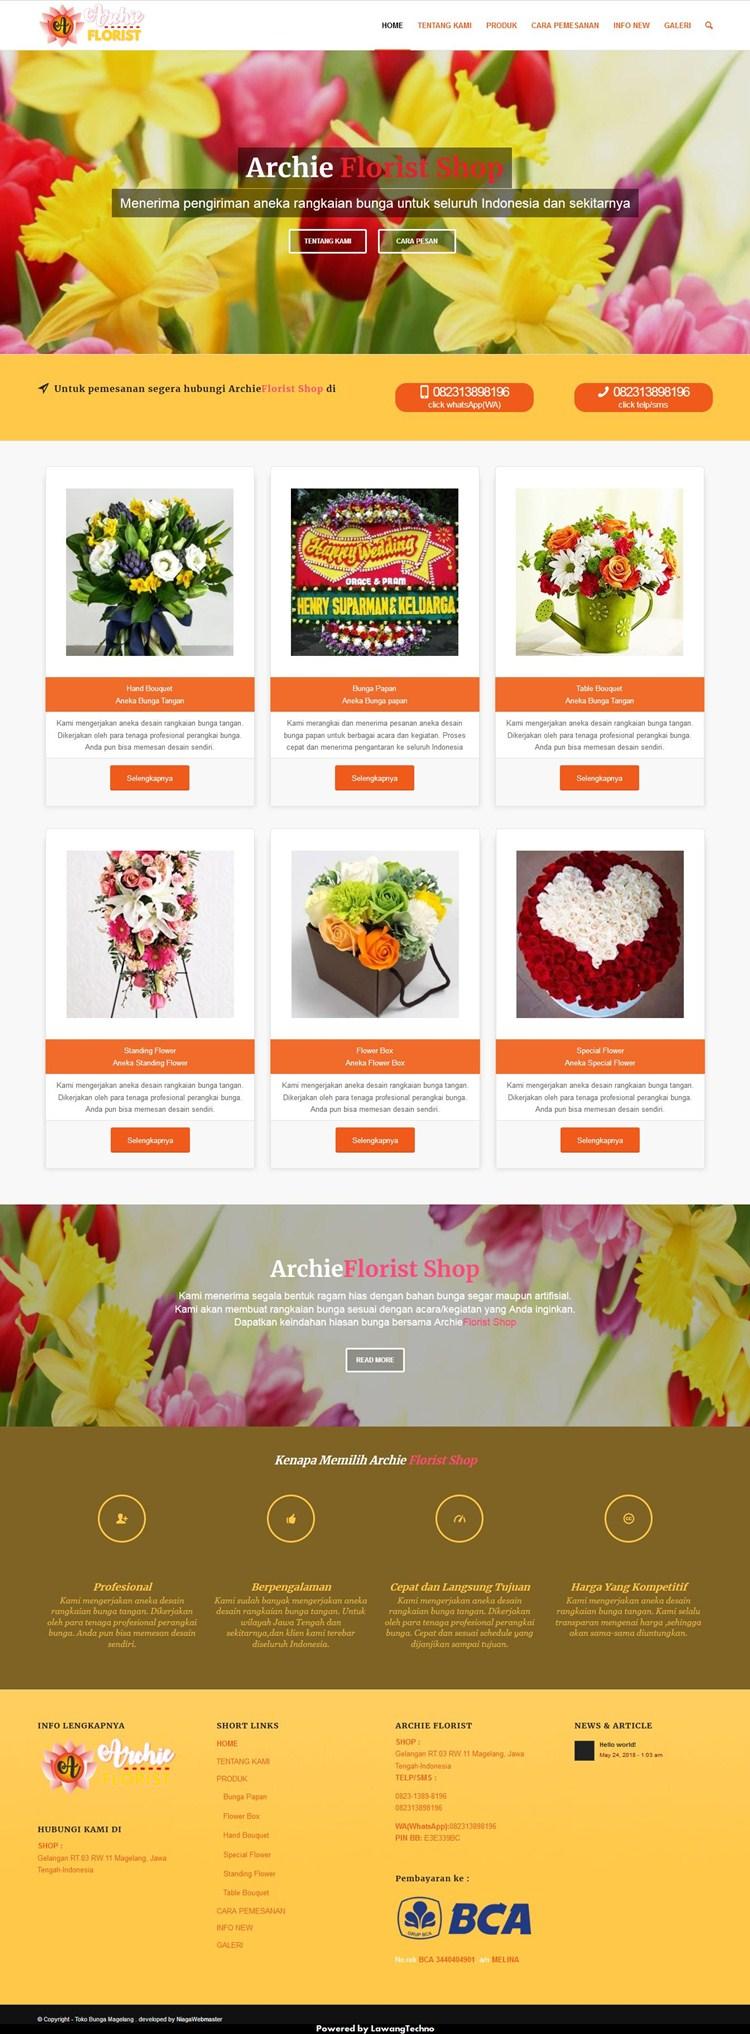 Archie Florist